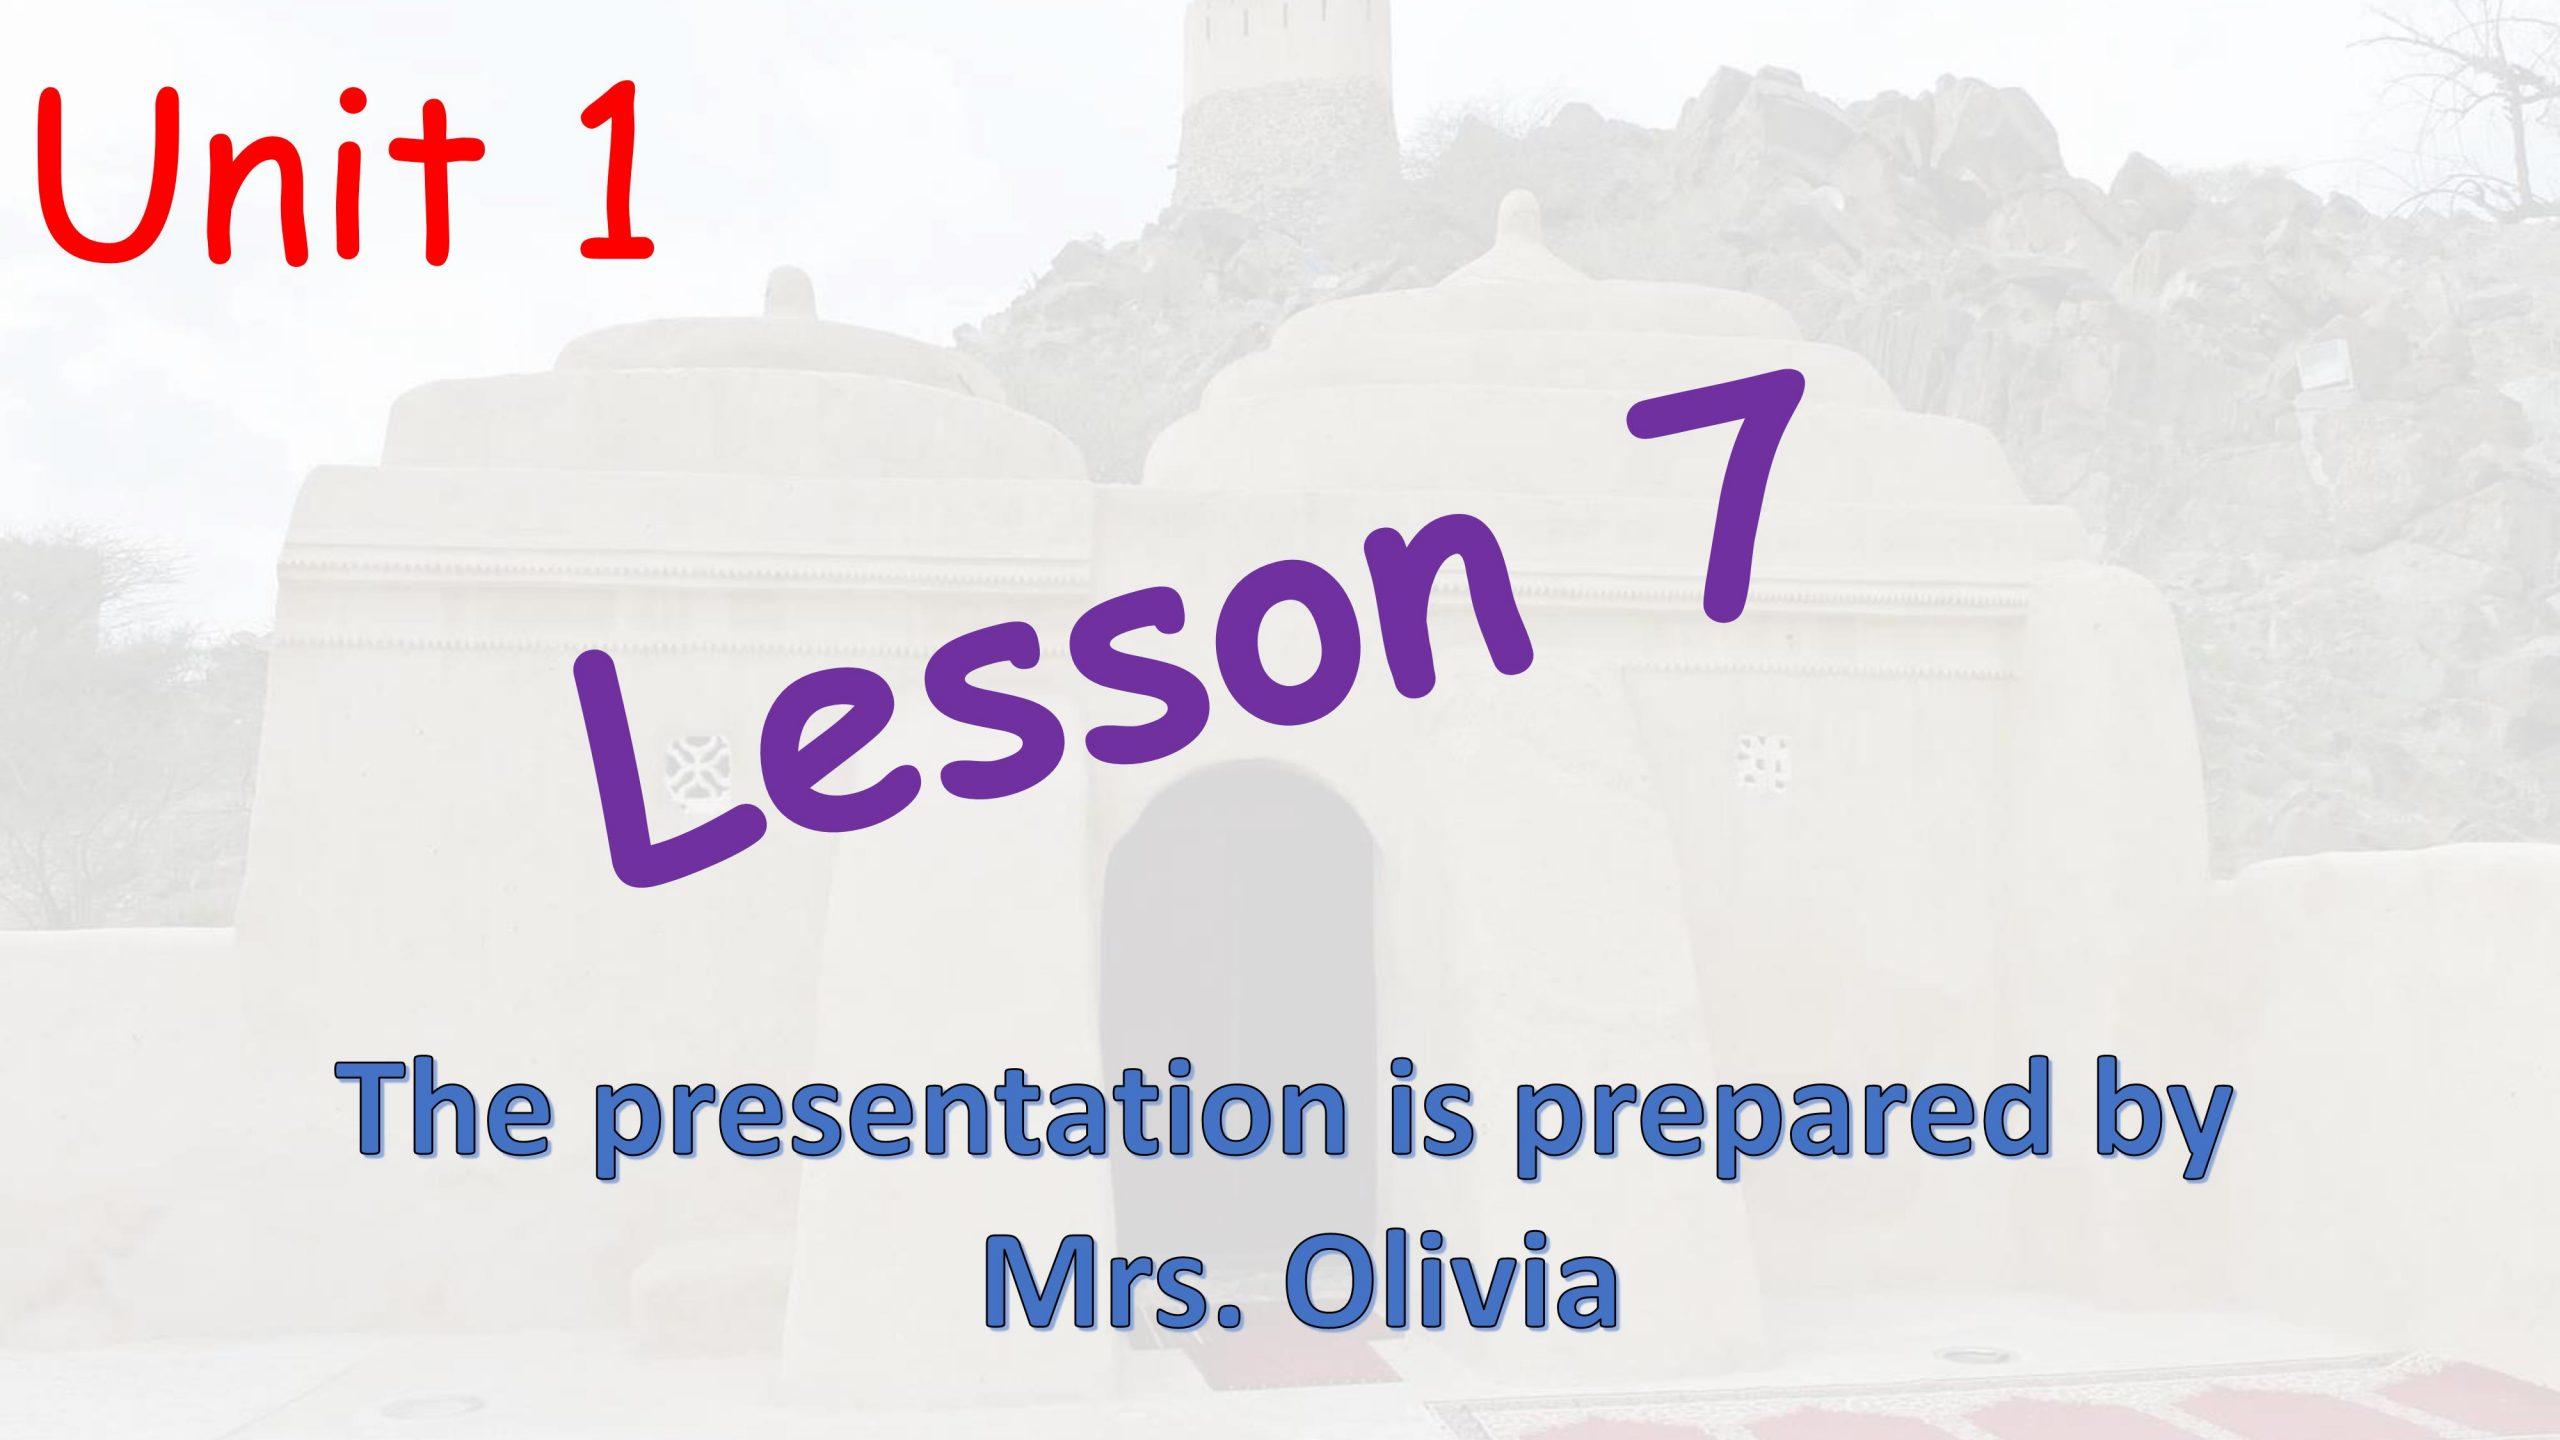 درس Unit 1 Lesson 7 الصف الخامس مادة اللغة الانجليزية